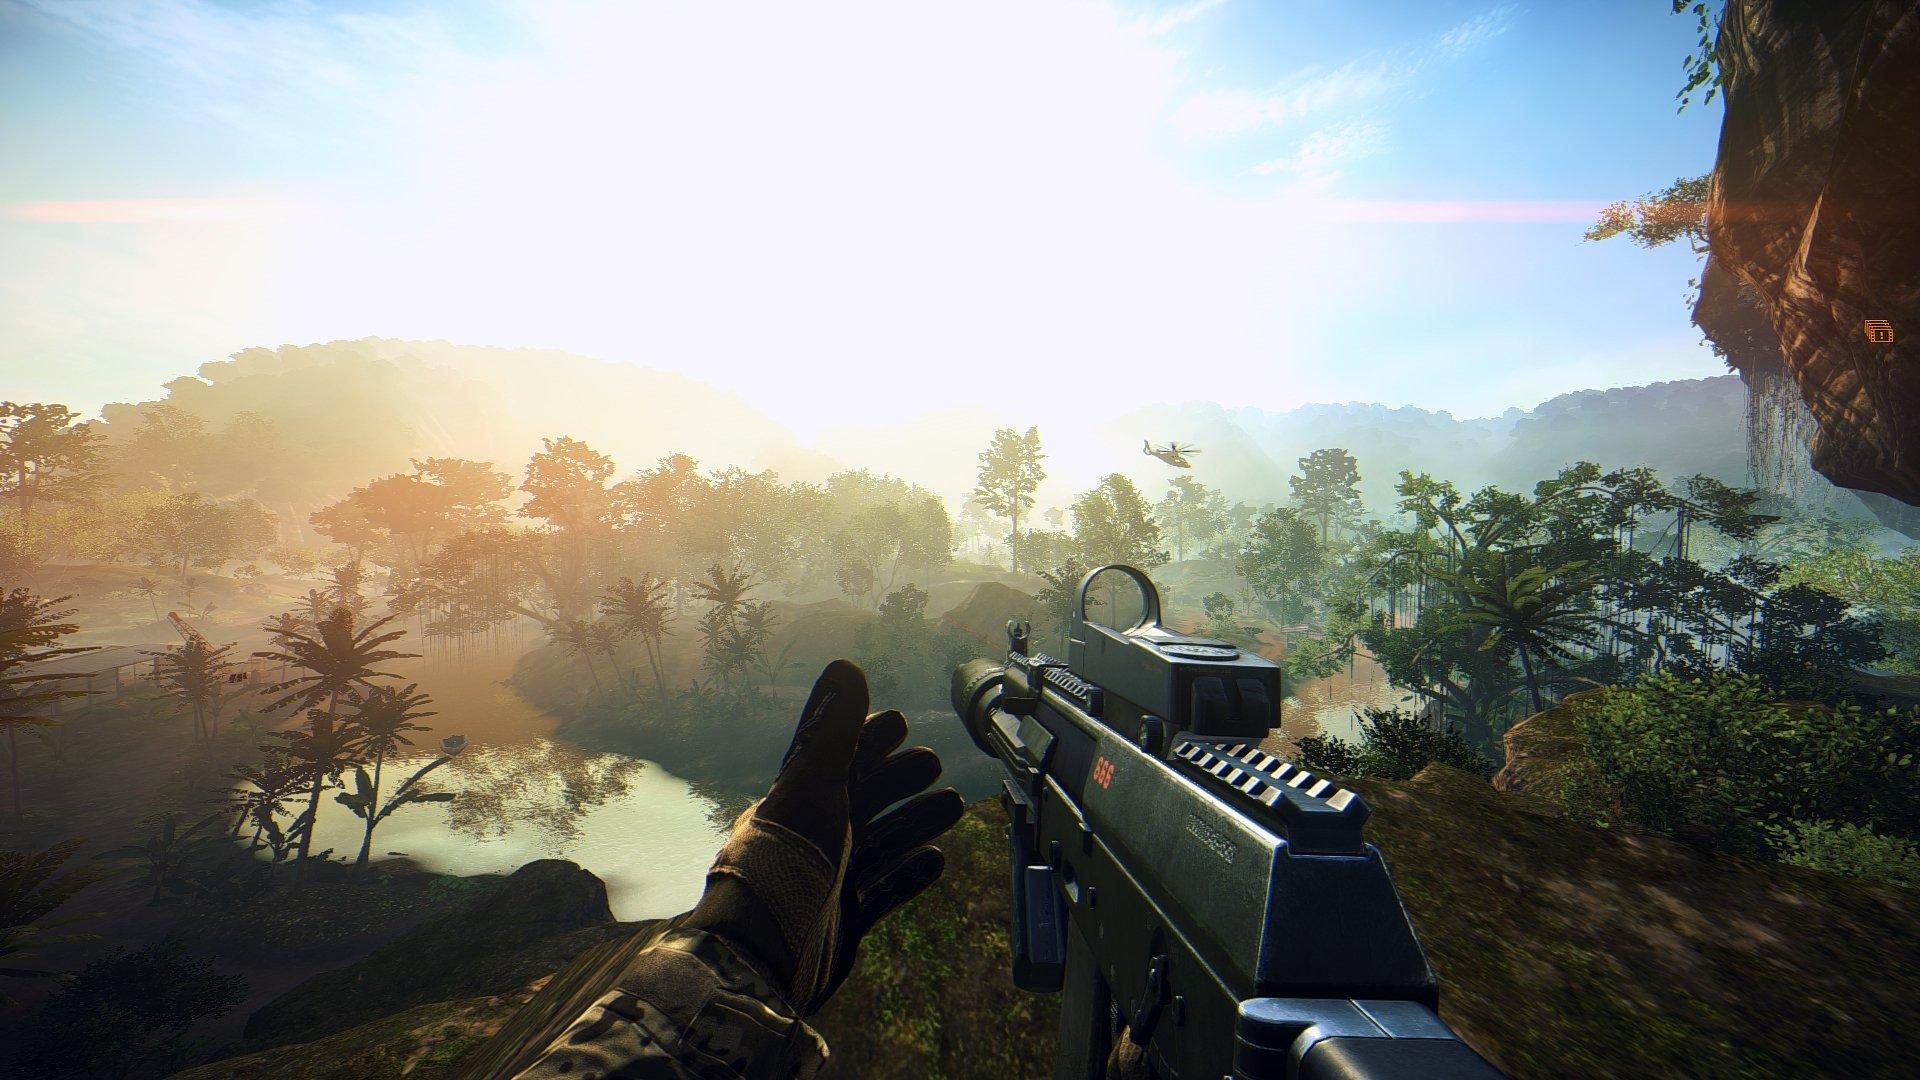 Карта сообщества Battlefield 4 - Изображение 13